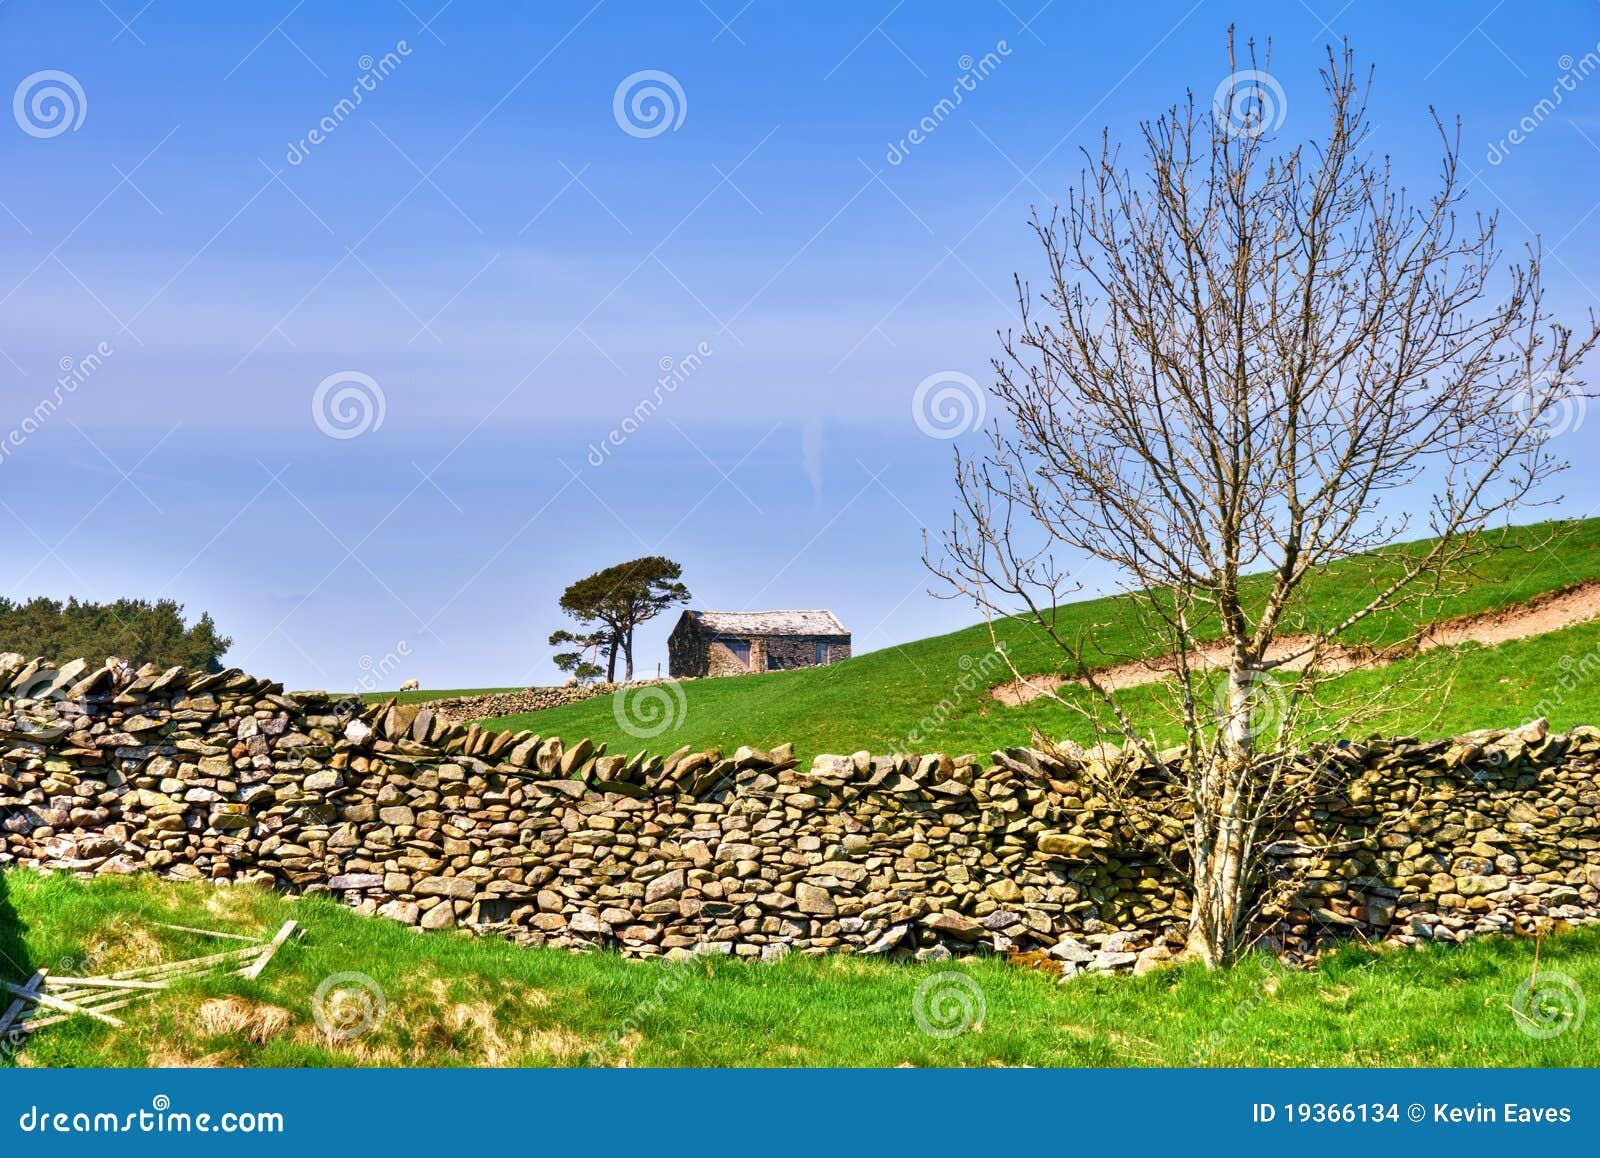 Árvore desencapada, celeiro, e parede de pedra seca.